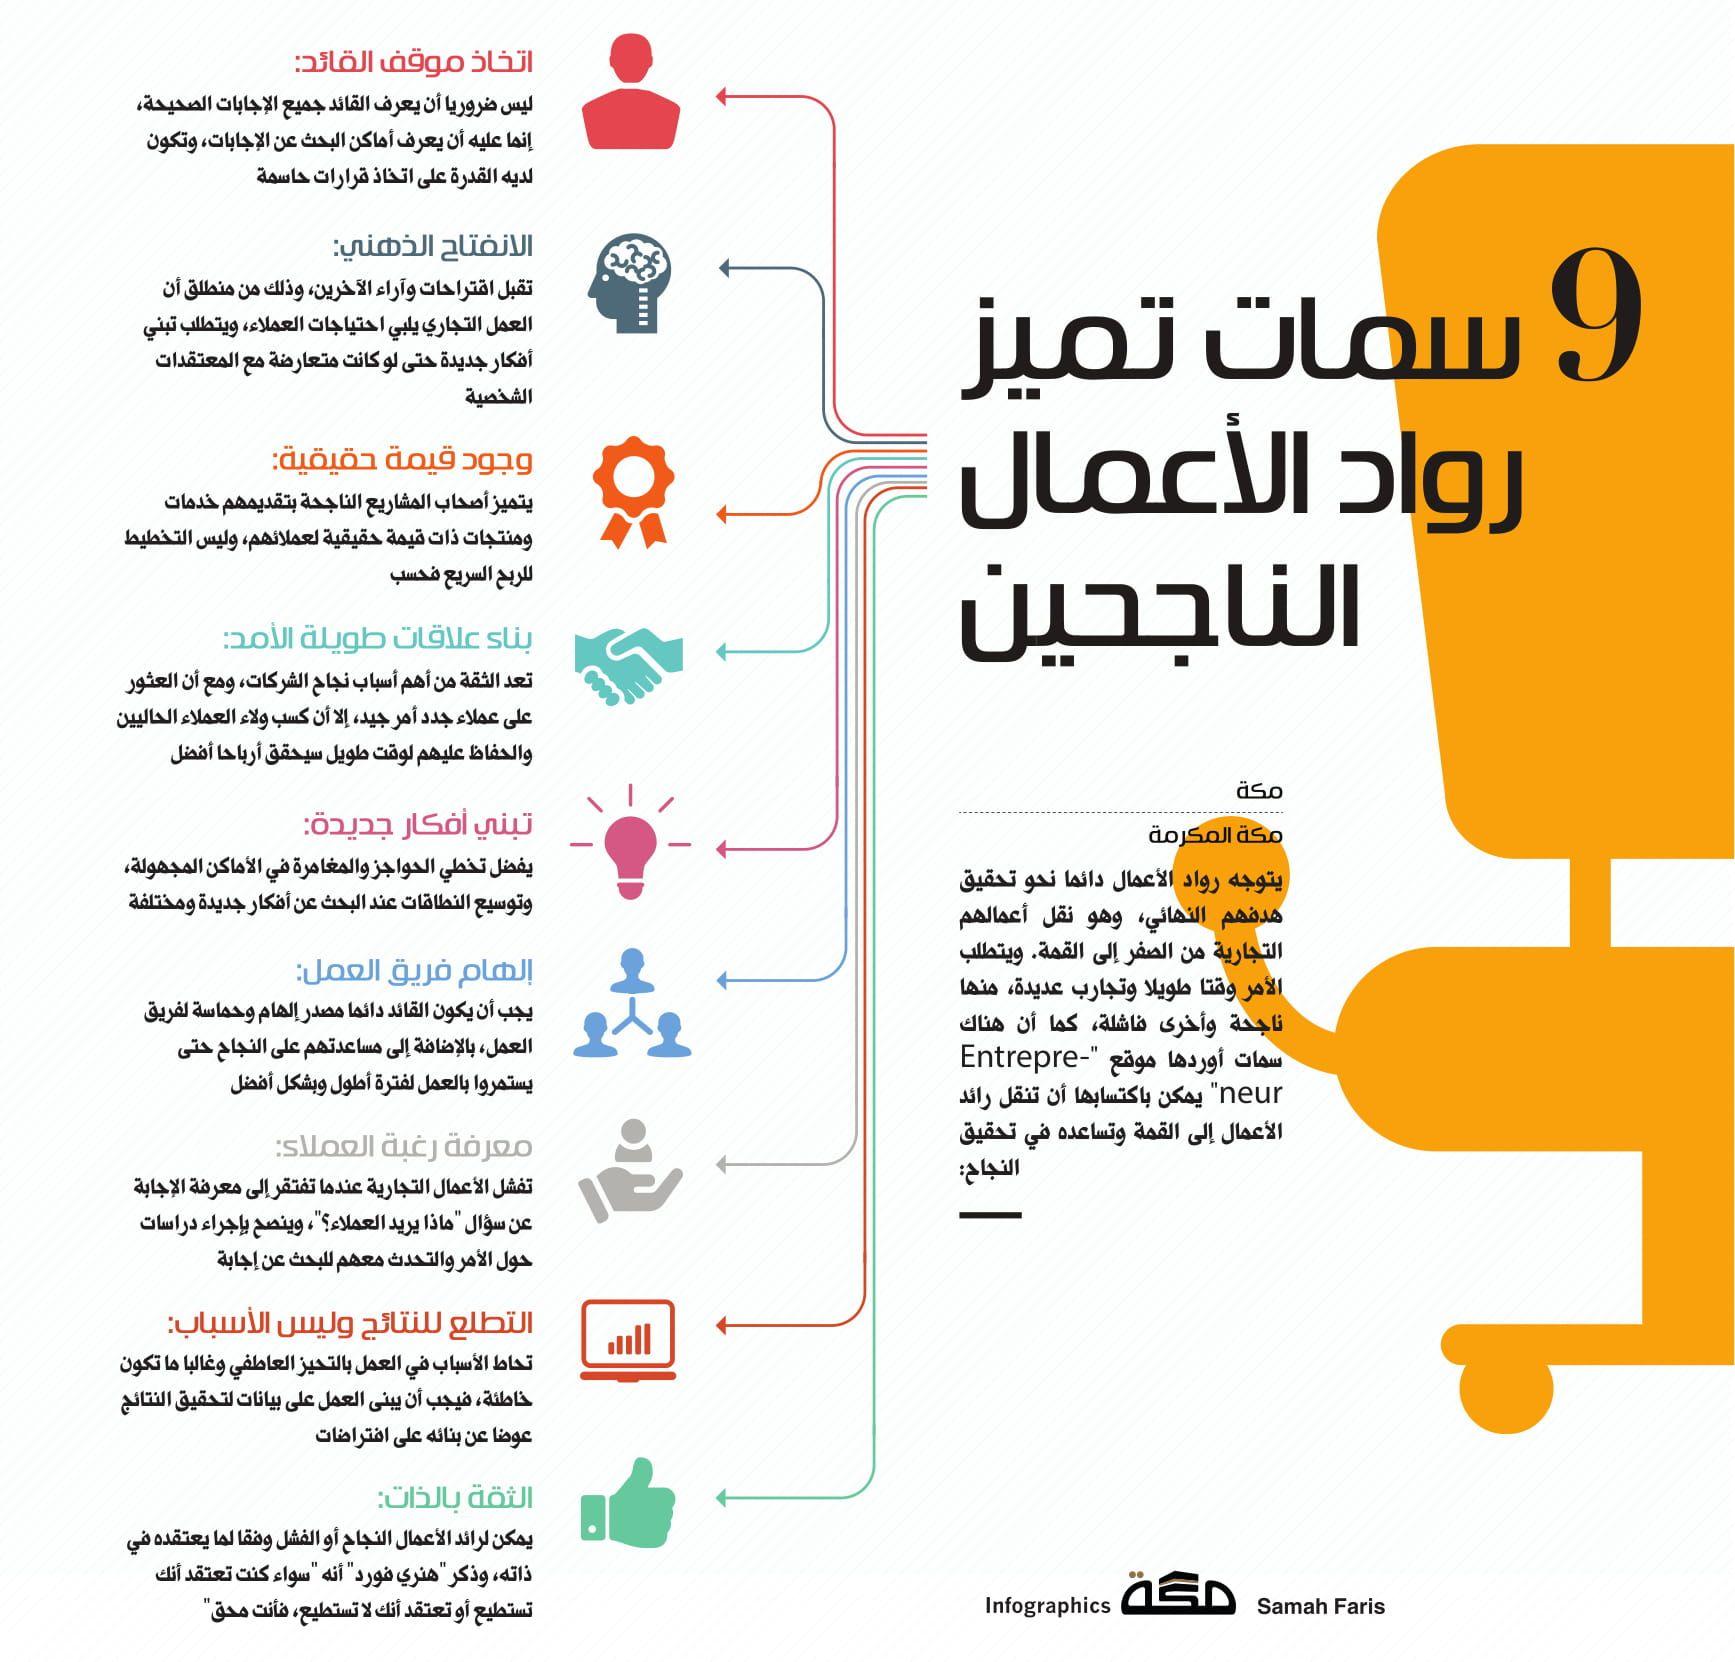 9 سمات تميز رواد الأعمال الناجحين صحيفة مكة انفوجرافيك توظيف Self Improvement Tips Positive Quotes Life Quotes